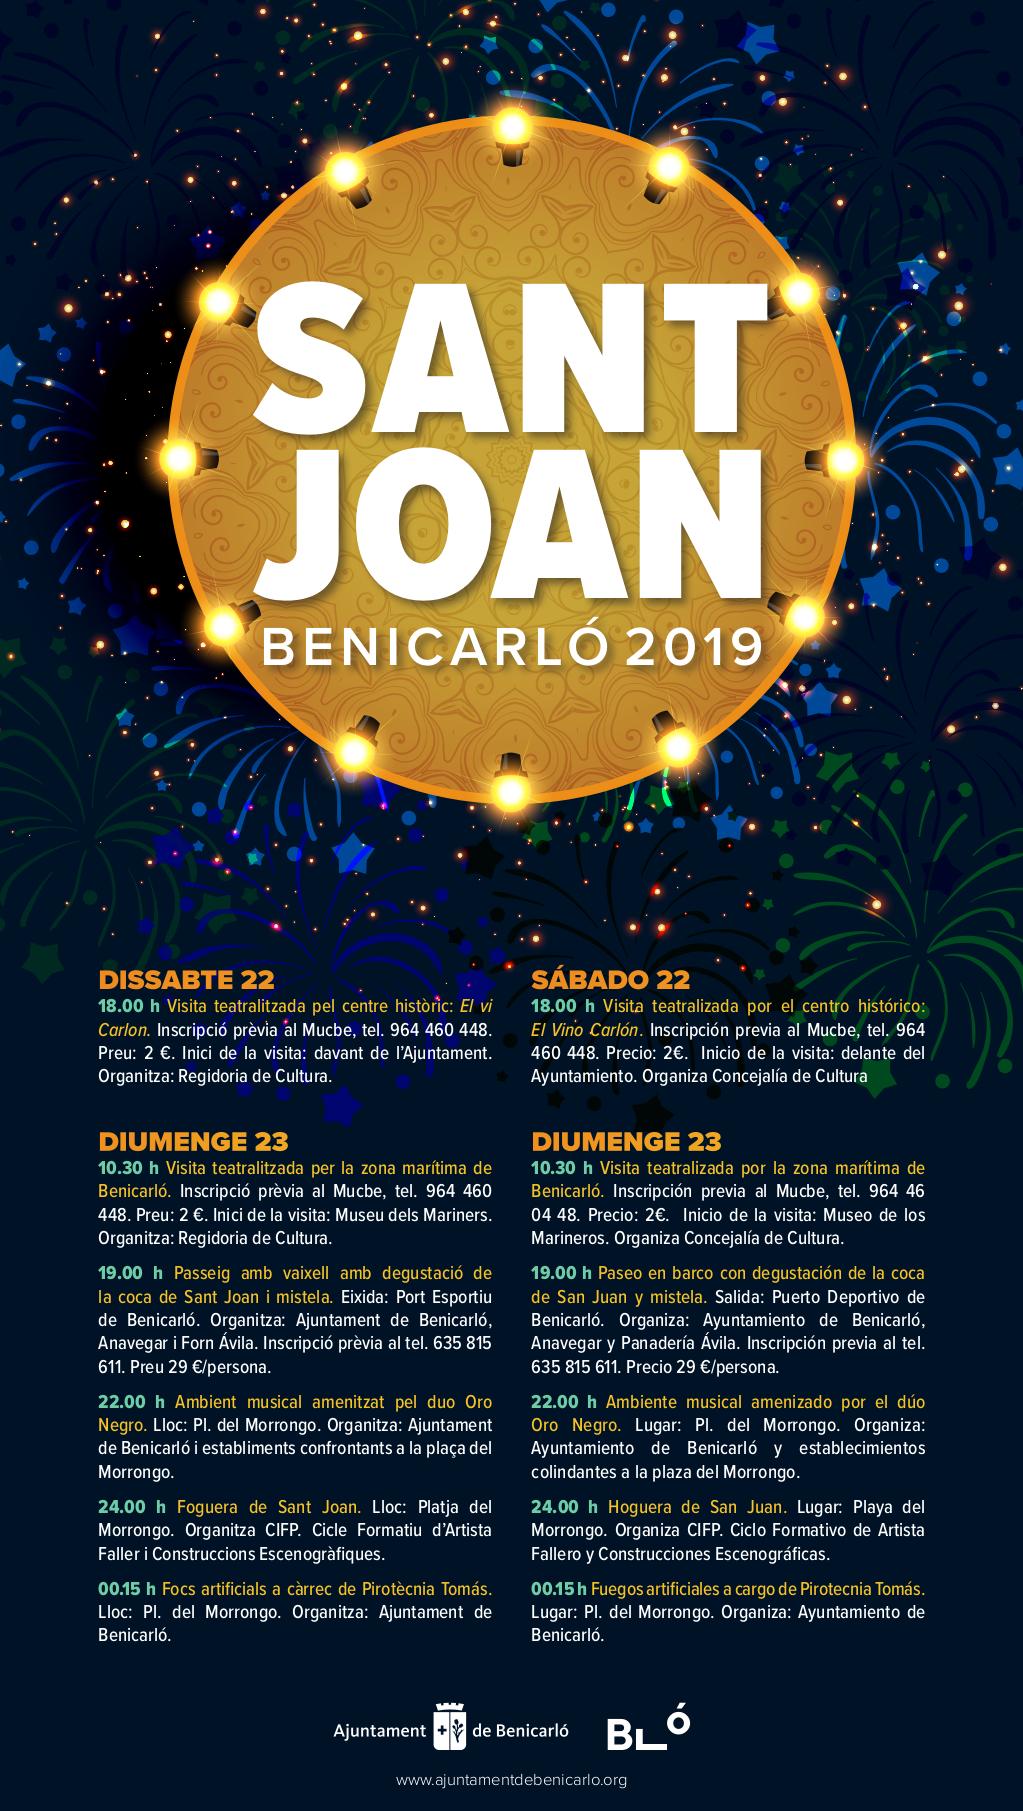 Benicarló donarà la benvinguda a l'estiu amb una programació especial per a la revetlla de Sant Joan